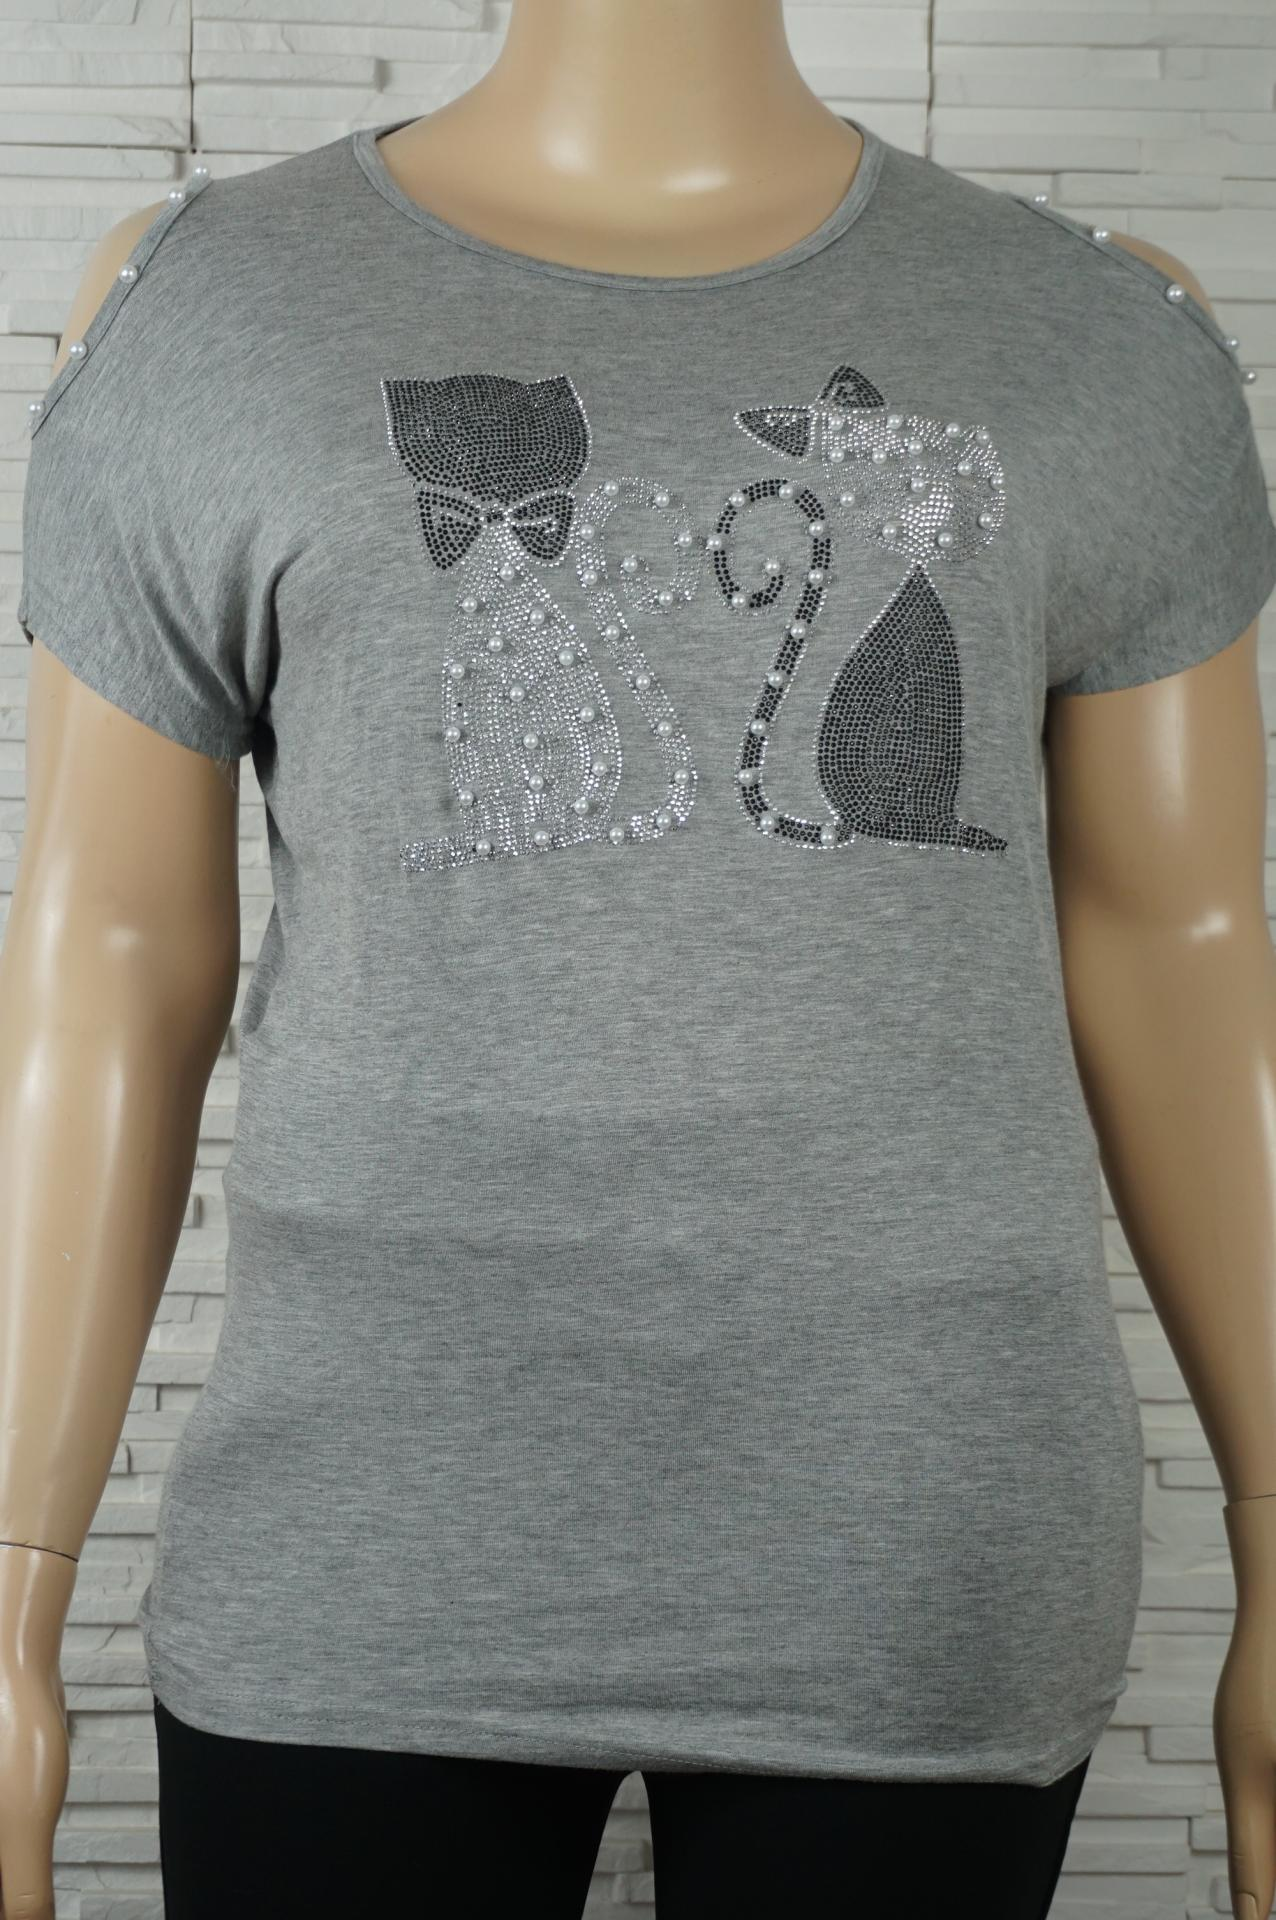 T shirt chats a strass et perles1